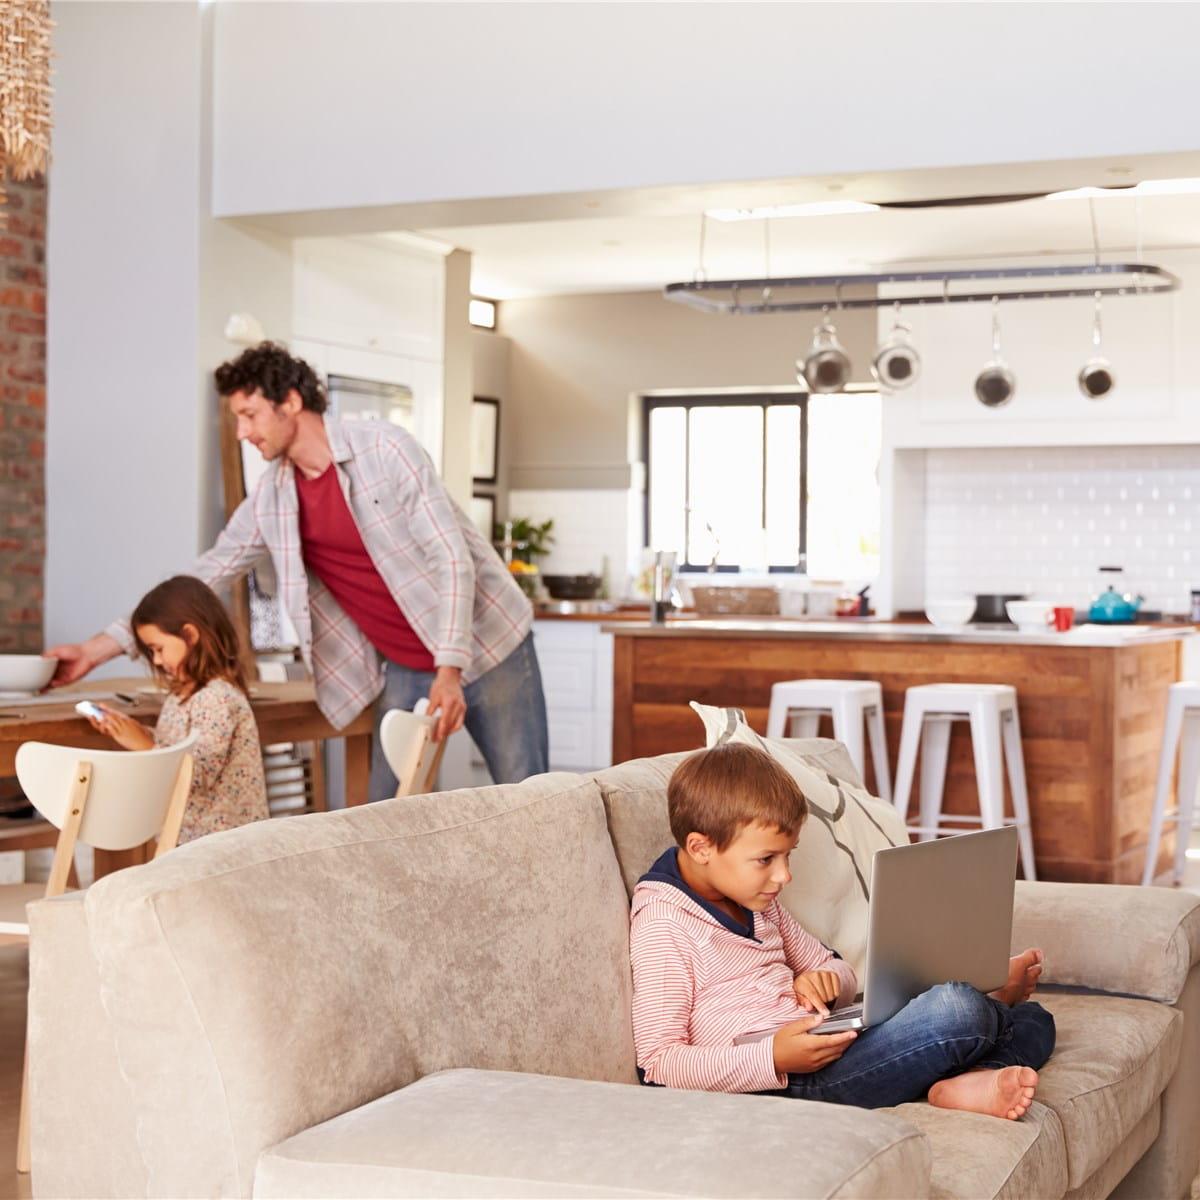 ergo versicherung uwe schumacher in enkenbach alsenborn versicherungen von ergo versichern. Black Bedroom Furniture Sets. Home Design Ideas